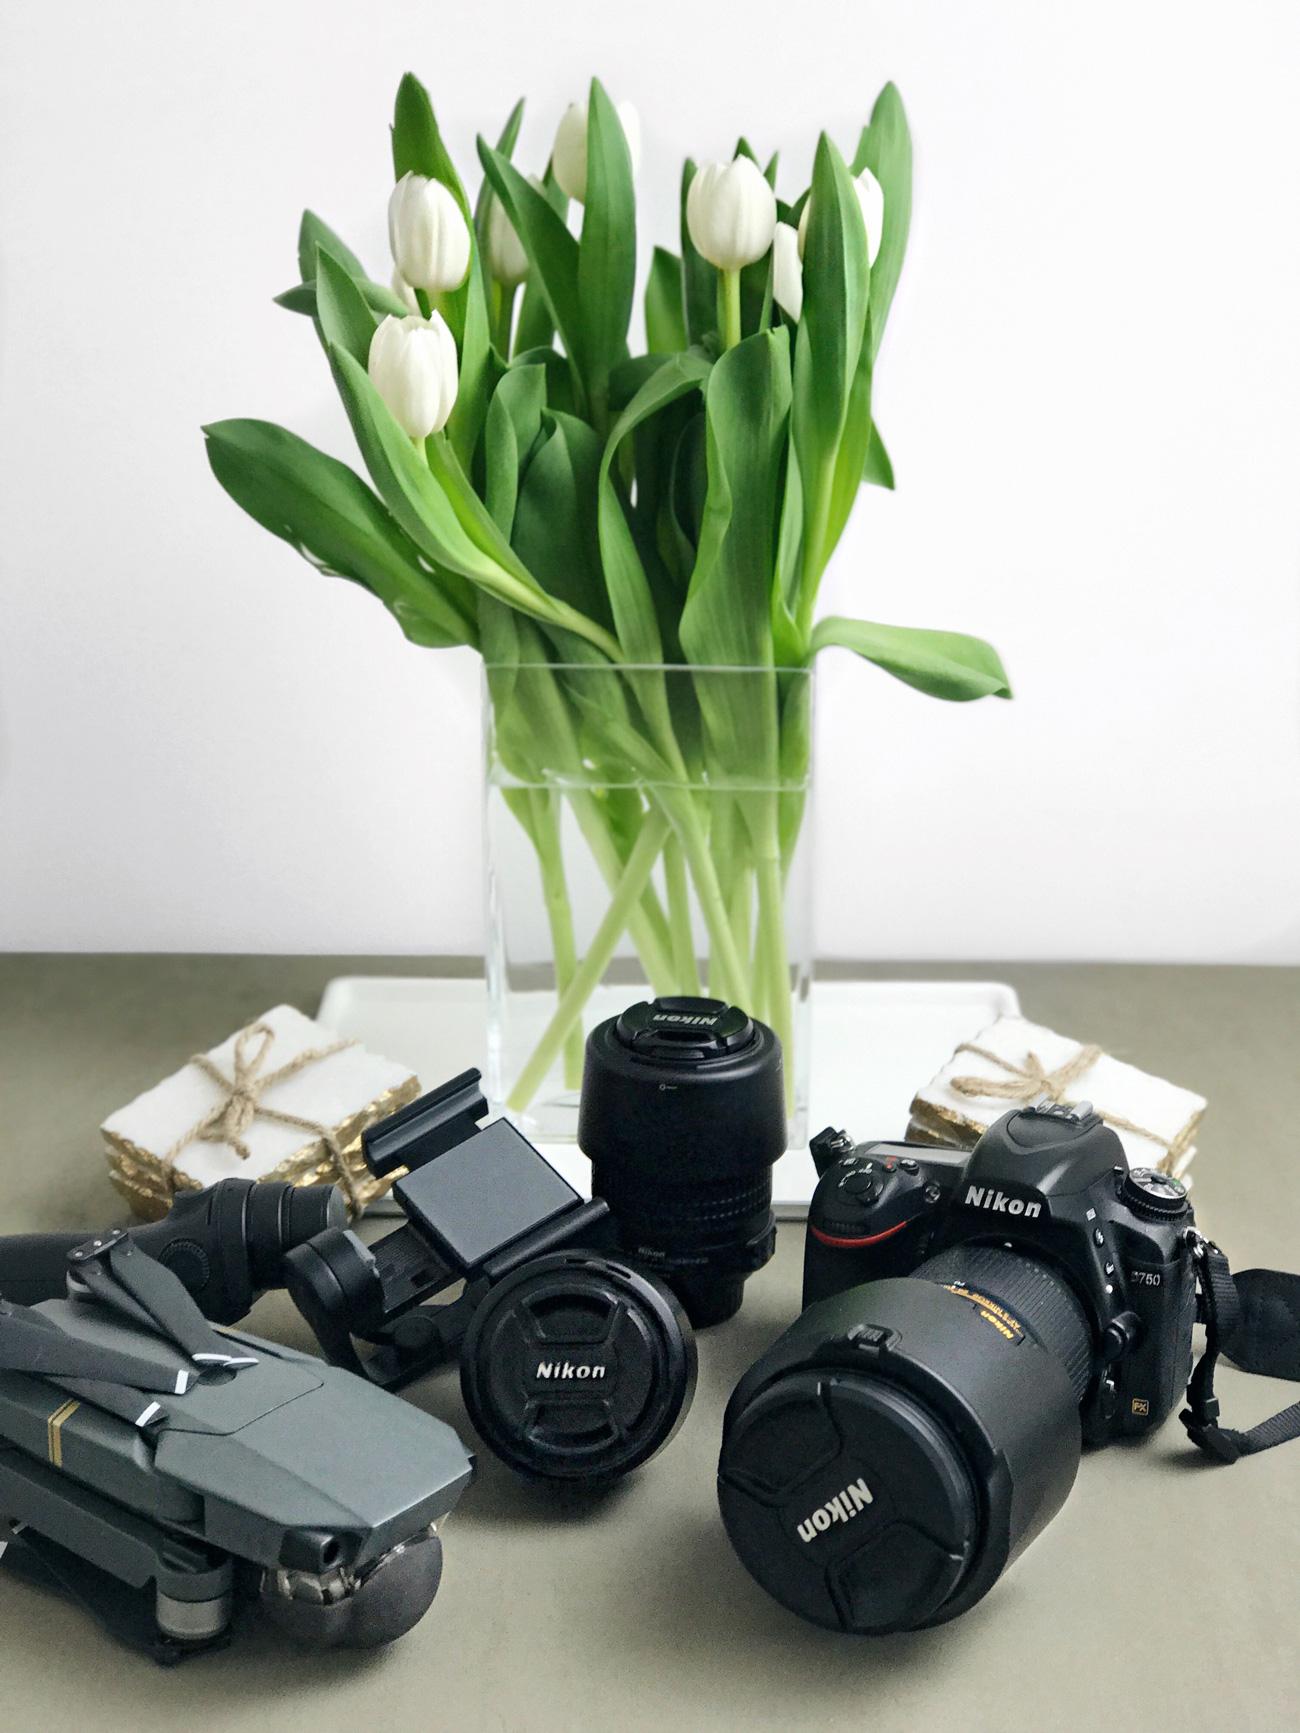 Unser-Technisches-Blogger-Equipment-Damit-Produzieren-Wir-all-Unseren-Content-Foto-Video-Objektive-Drohne-Software-fashiioncarpet